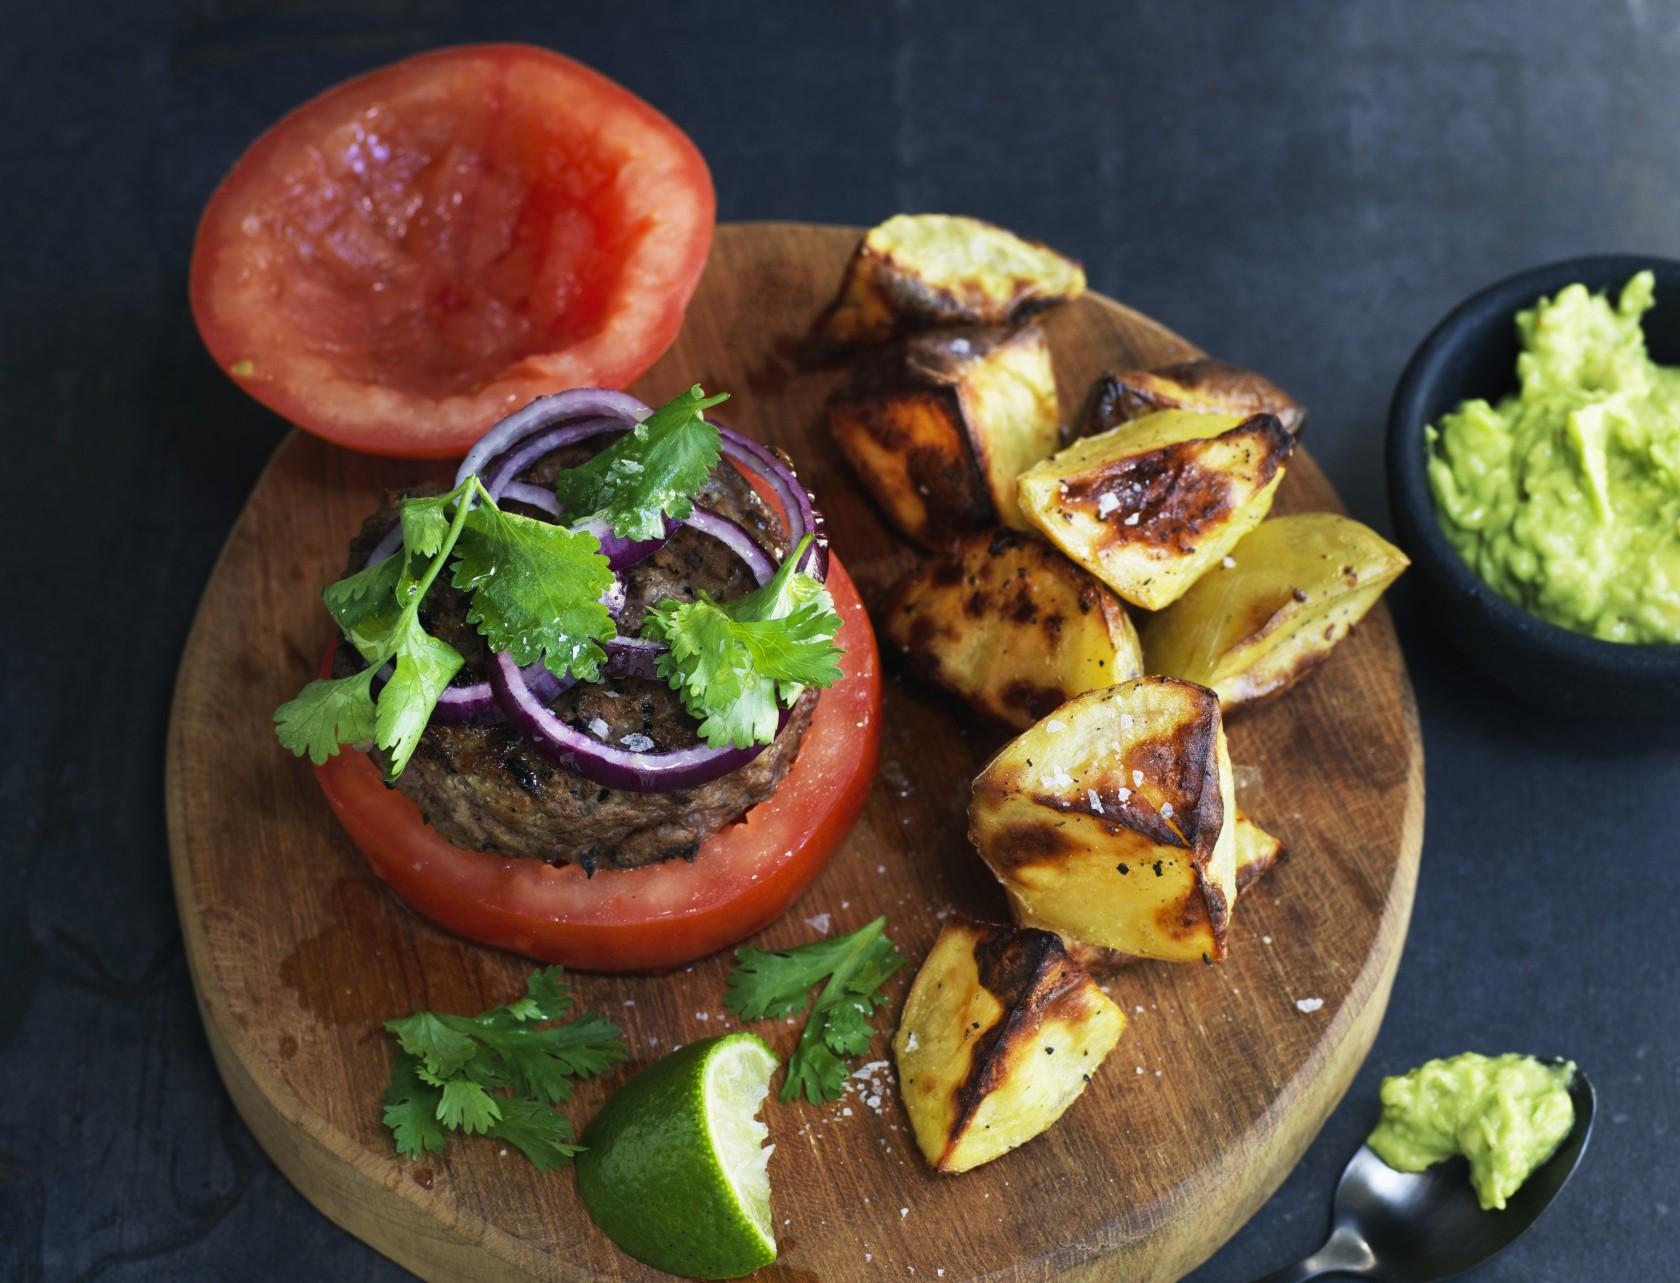 Lækker burger med tomater i stedet for burgerboller - så får du et sundere måltid!